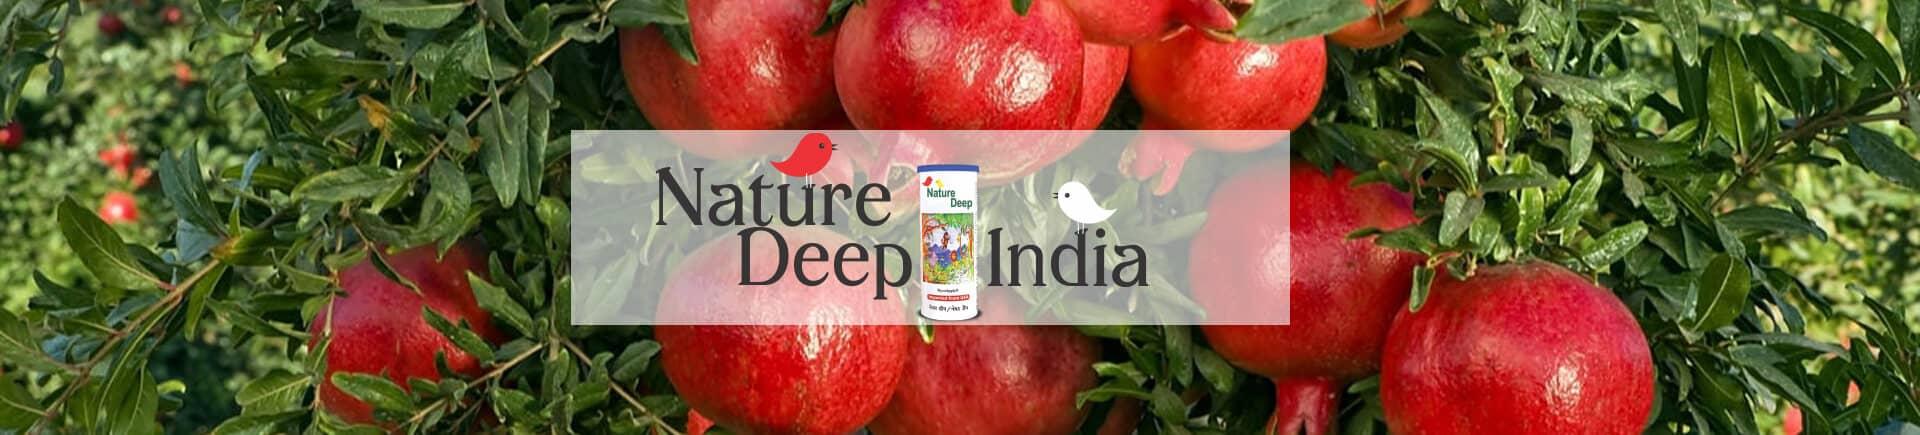 sumitomo naturedeep for pomogranate crop desktop banner